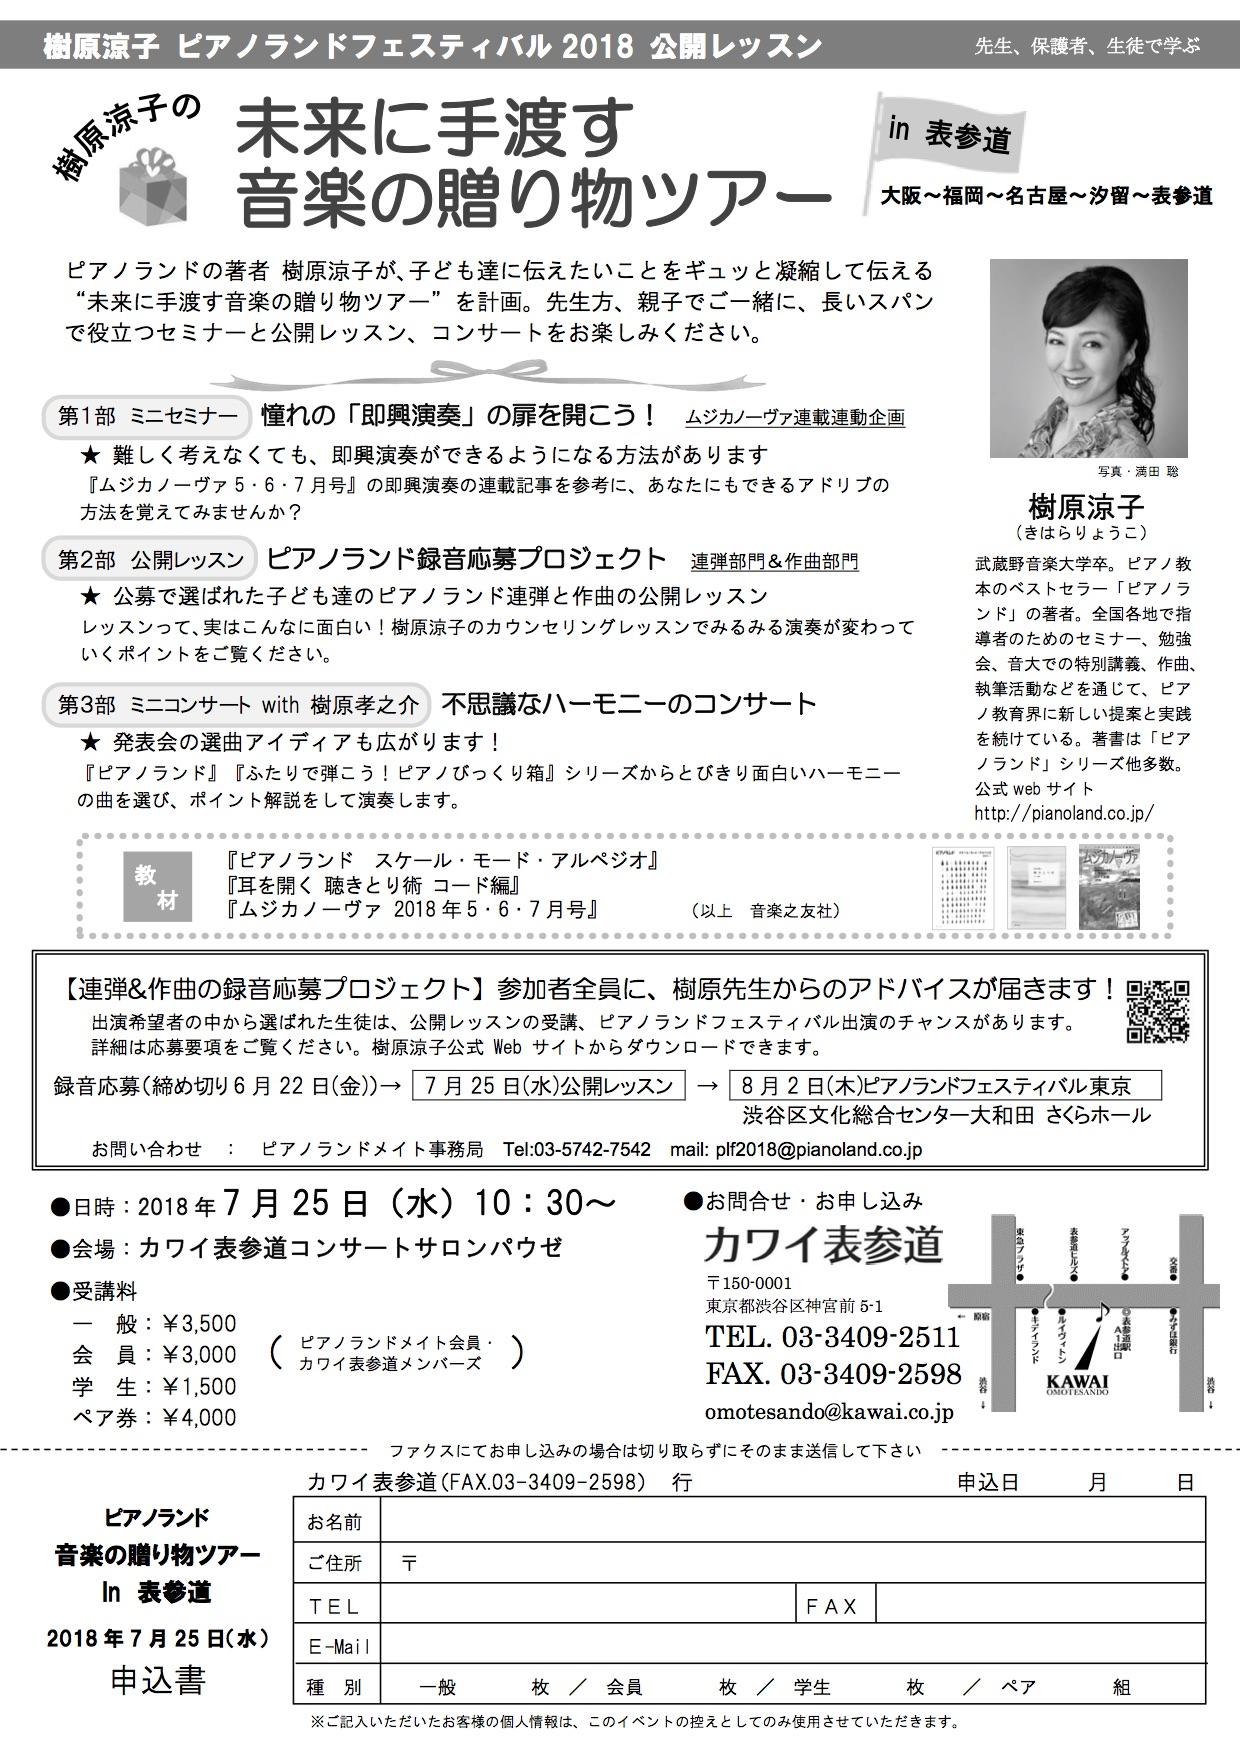 樹原涼子の 未来に手渡す音楽の贈り物ツアー in 表参道